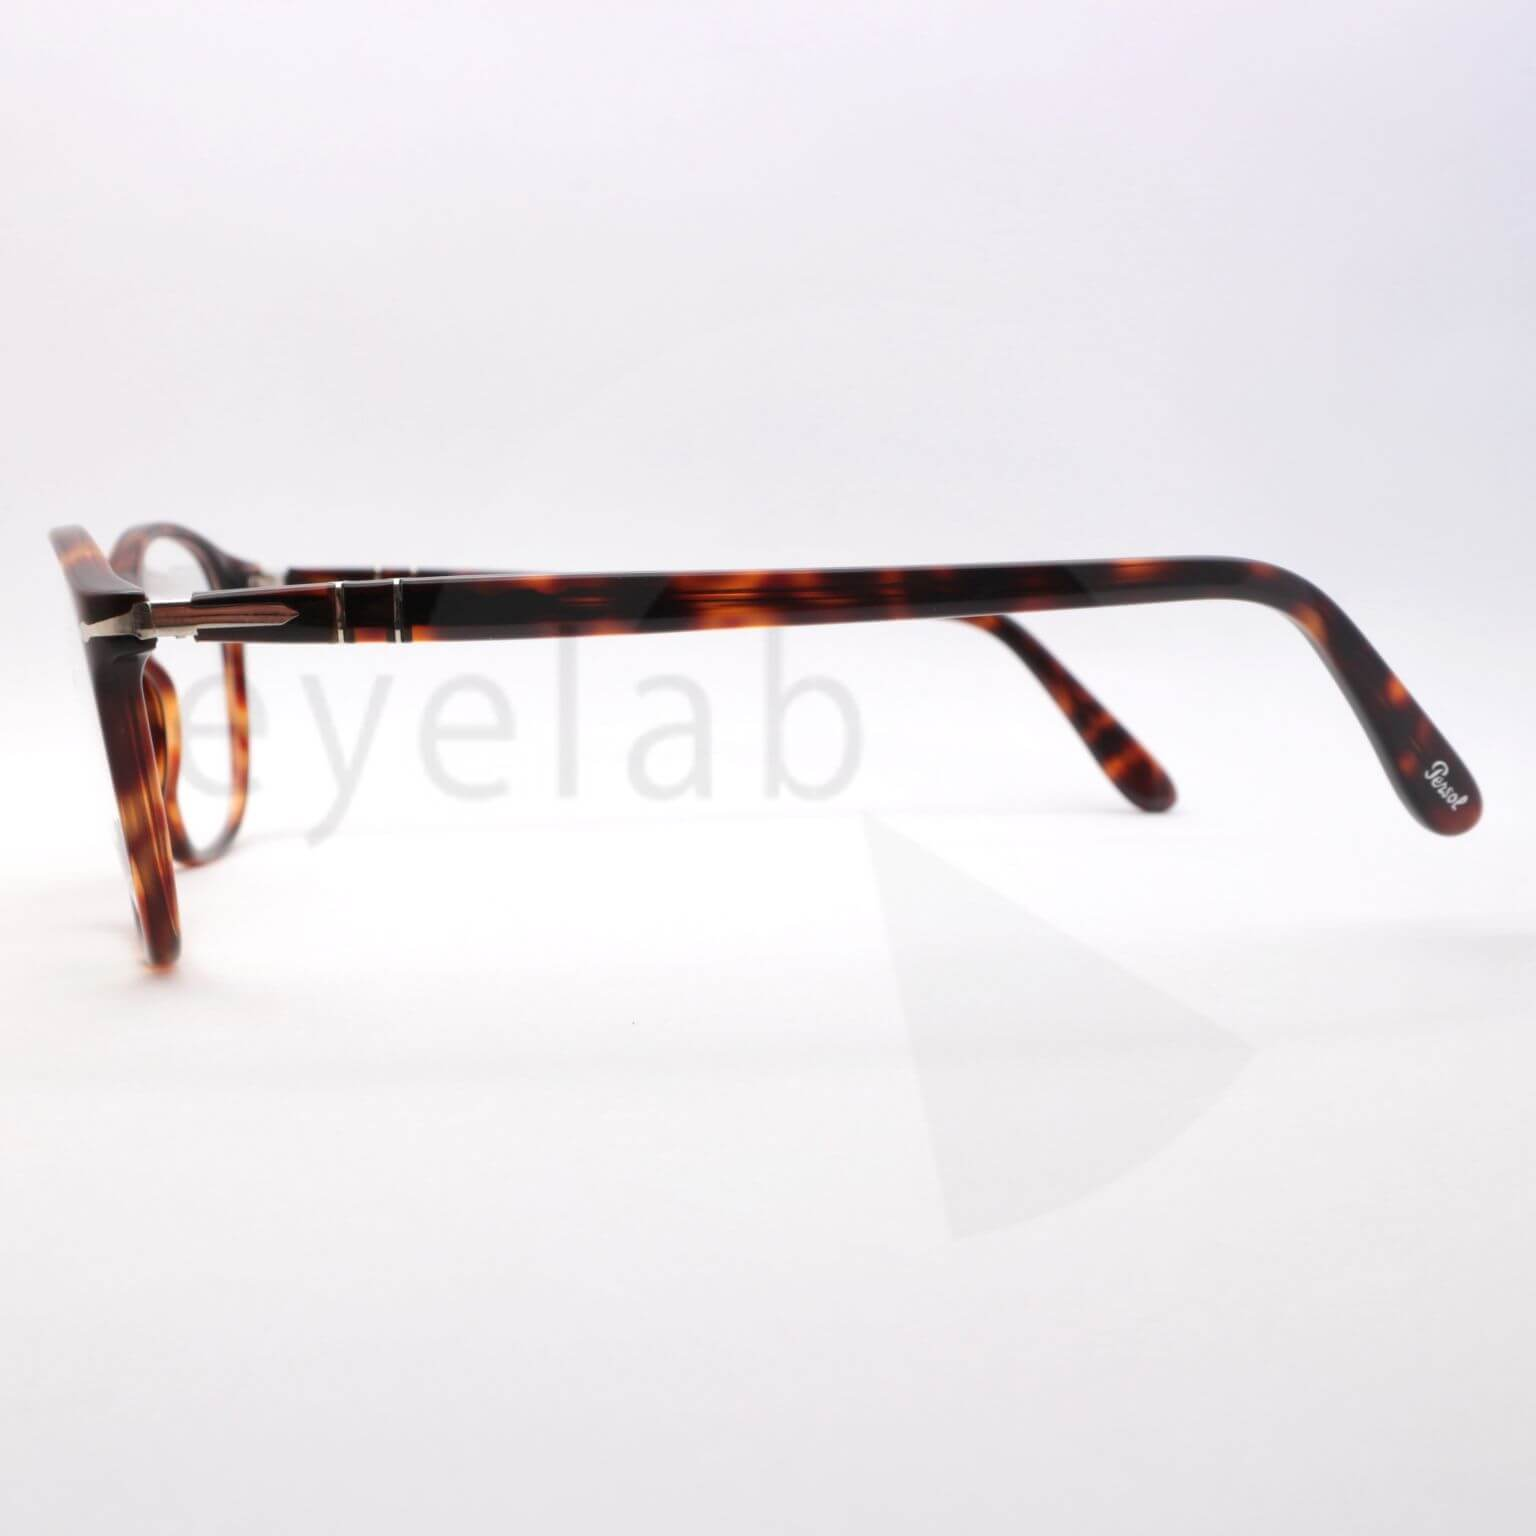 Γυαλιά οράσεως Persol 3007V 24 ~ Eyelab 5af001e9e51